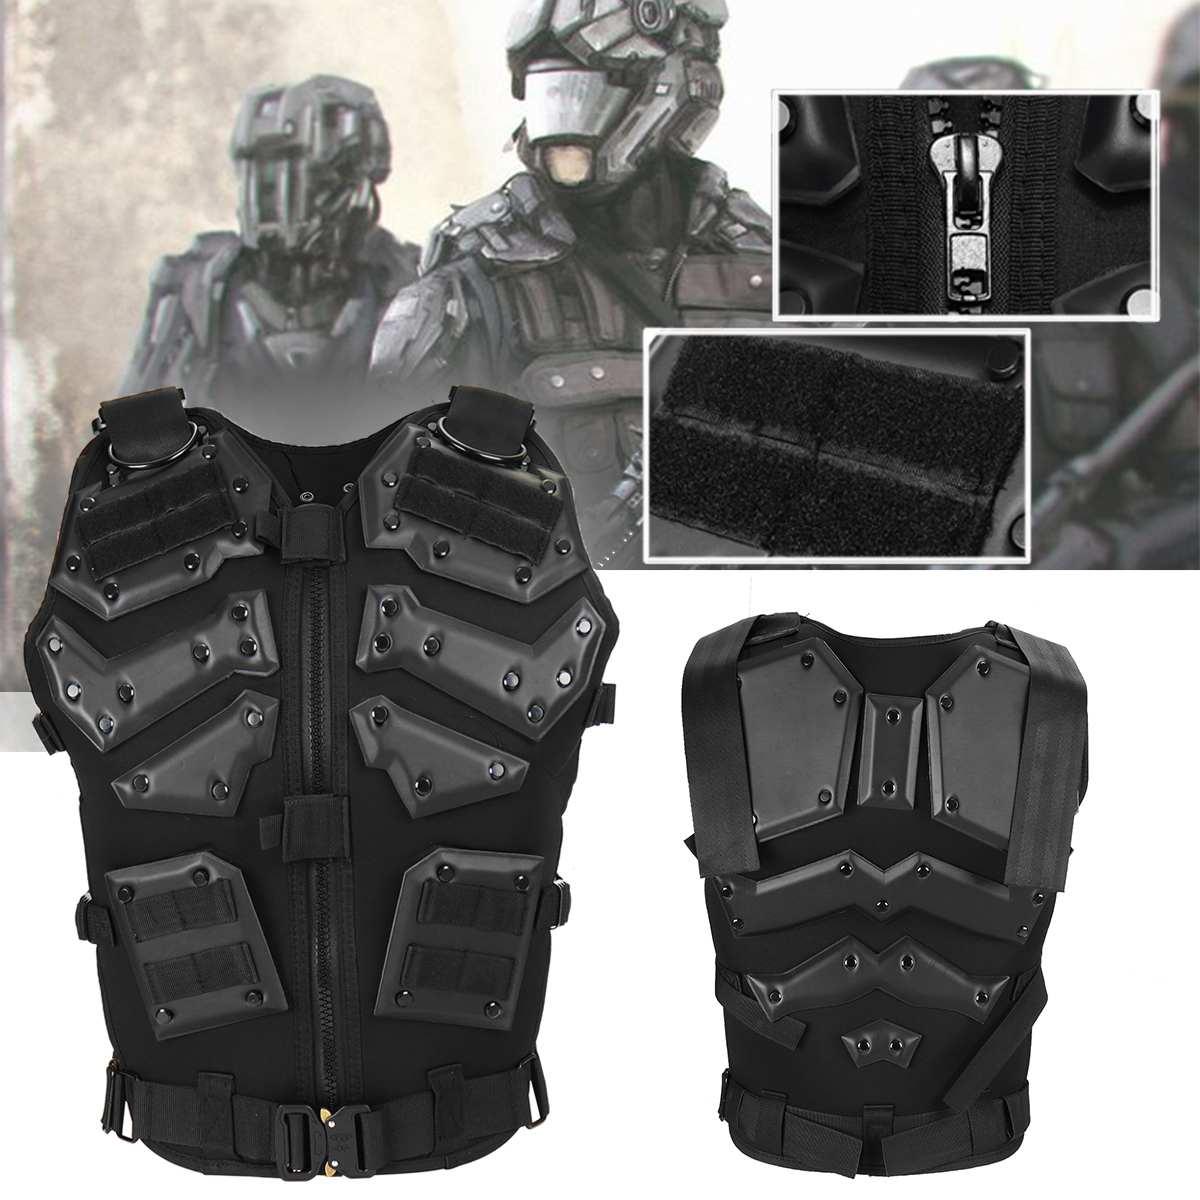 Airsoft militaire tactique gilet Molle chasse Combat corps armure gilet extérieur jeu vêtements chasse gilet formation Protection